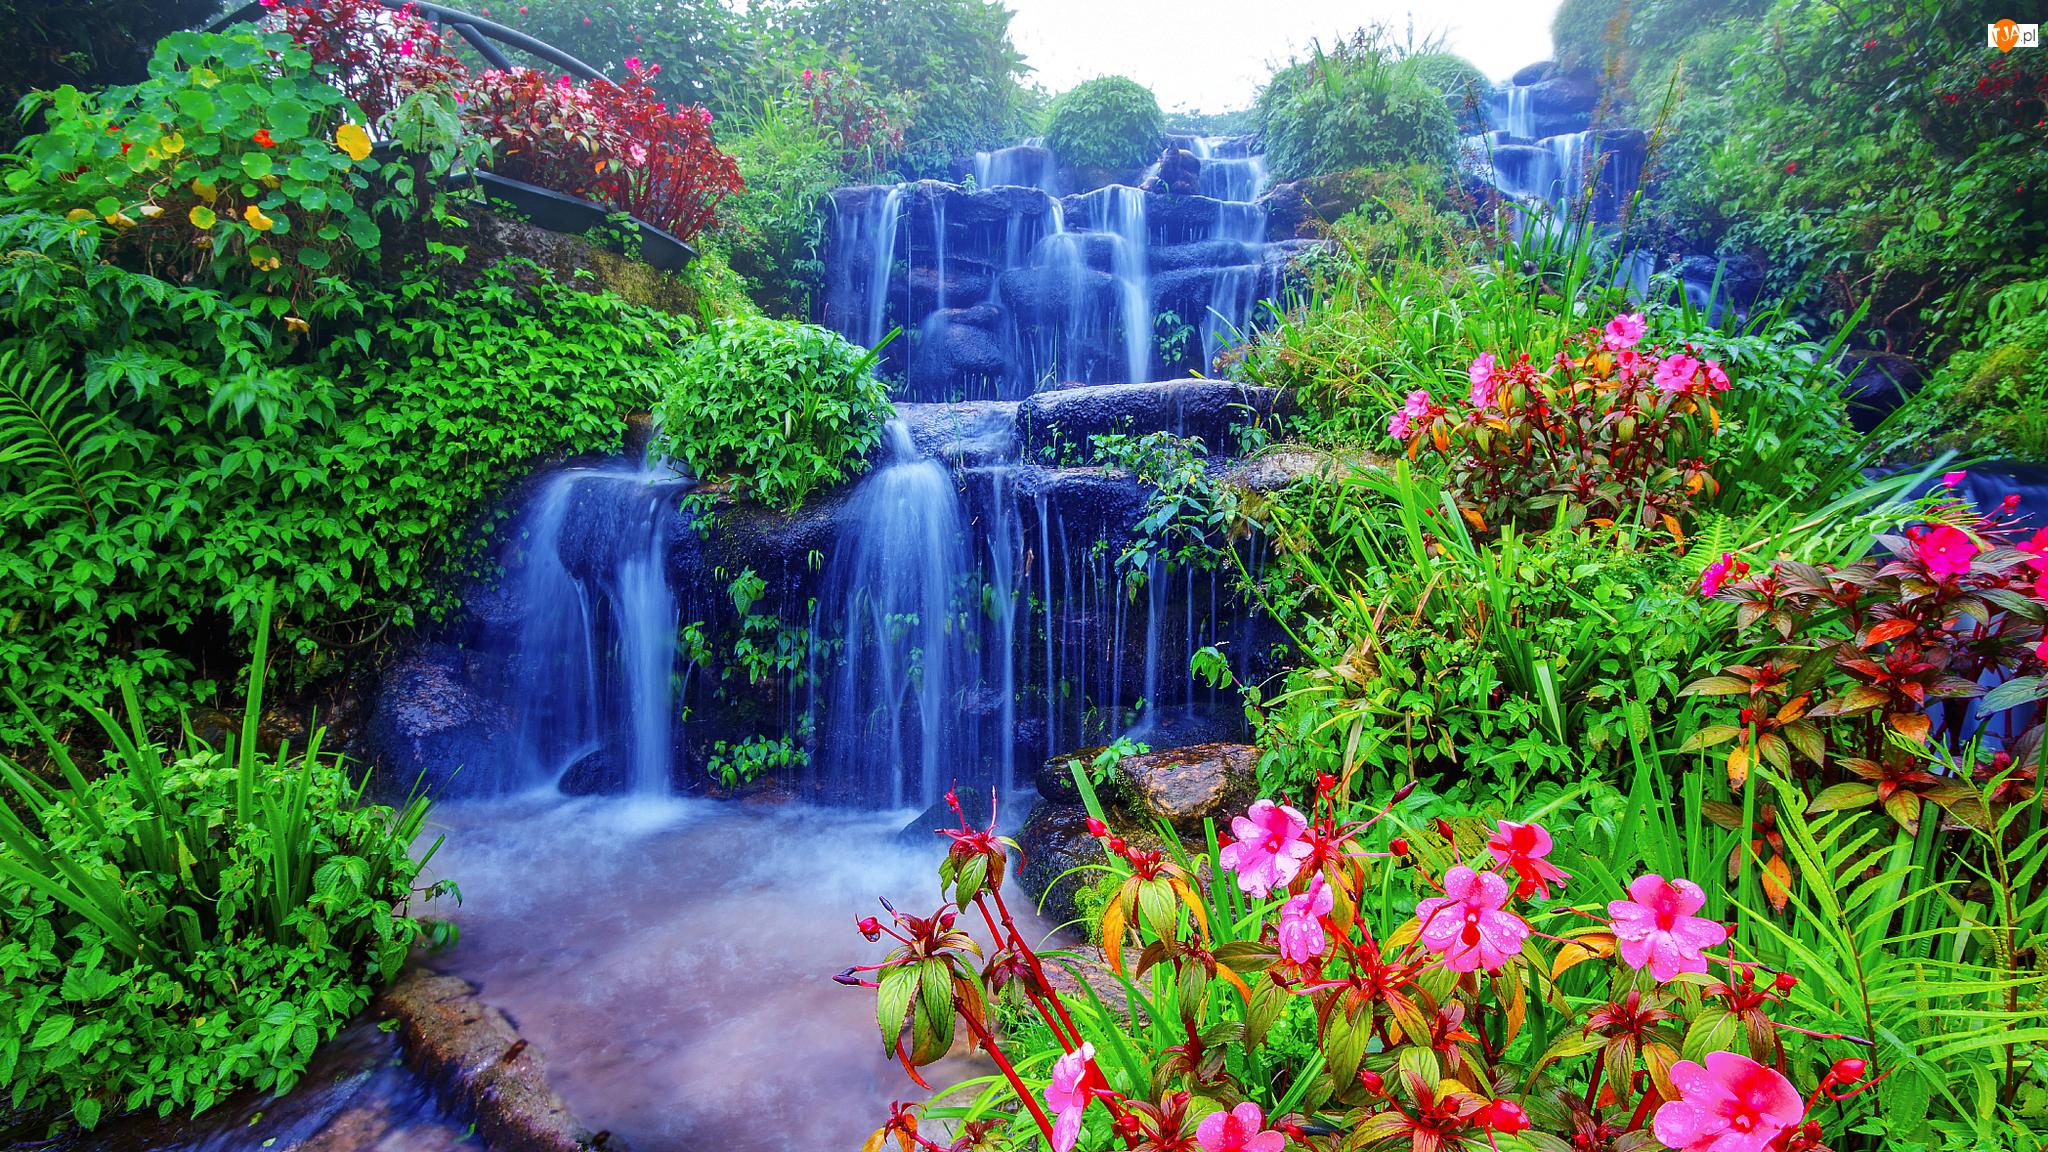 Skały, Wodospad, Kwiaty, Drzewa, Kaskada, Roślinność